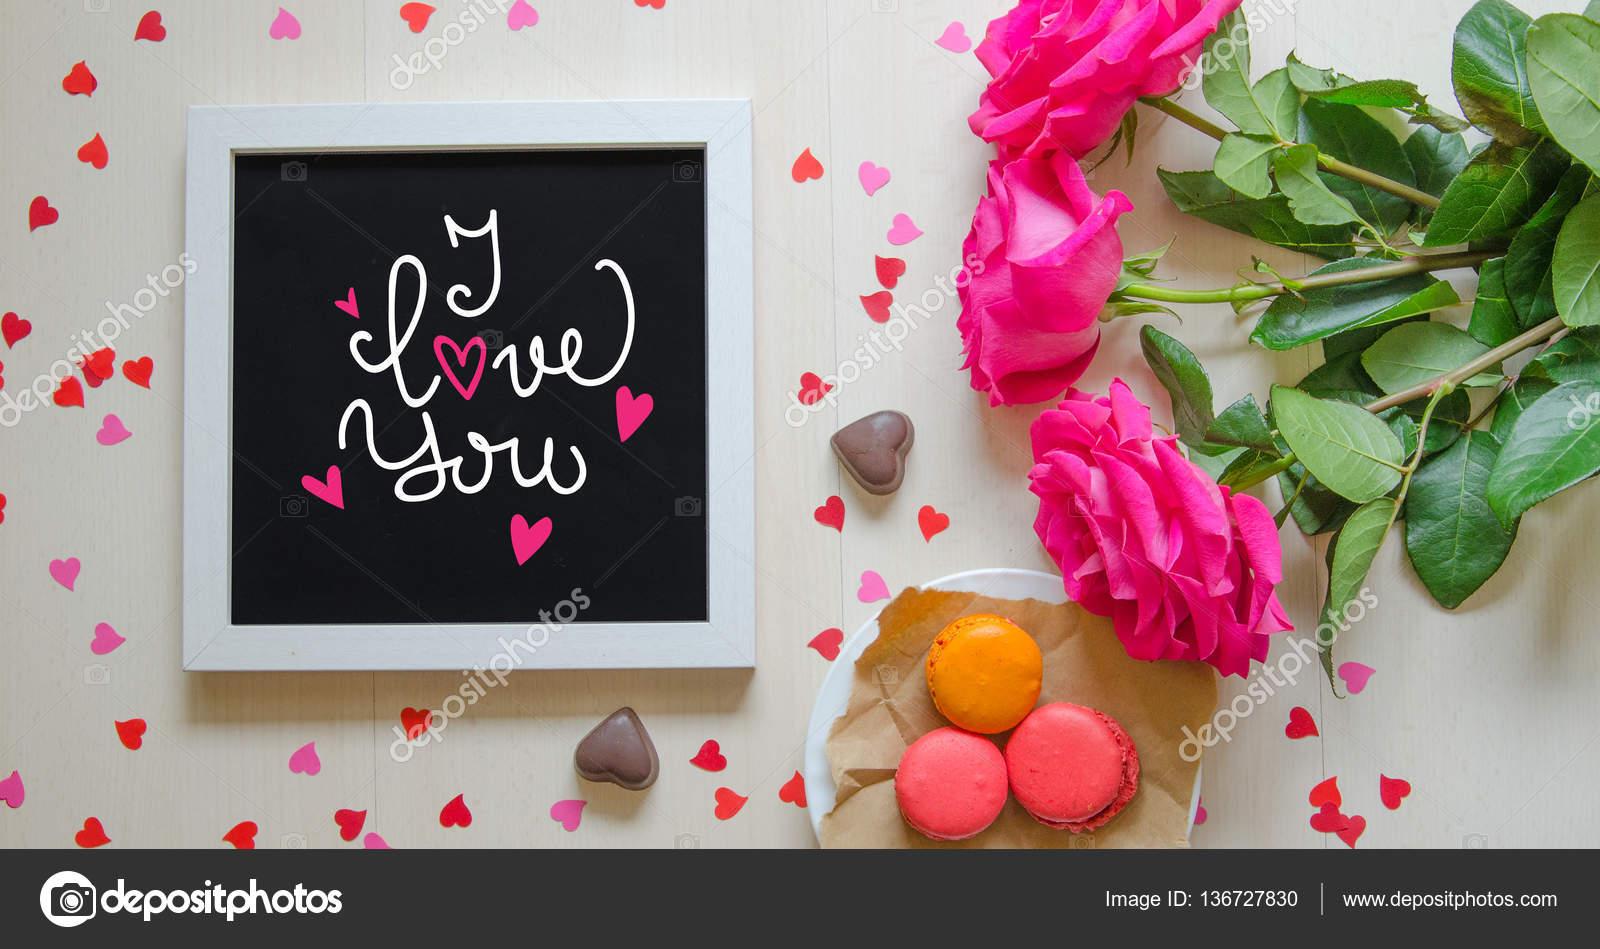 St. Valentinstag Vintage Zusammensetzung des weißen Bilderrahmen mit ...